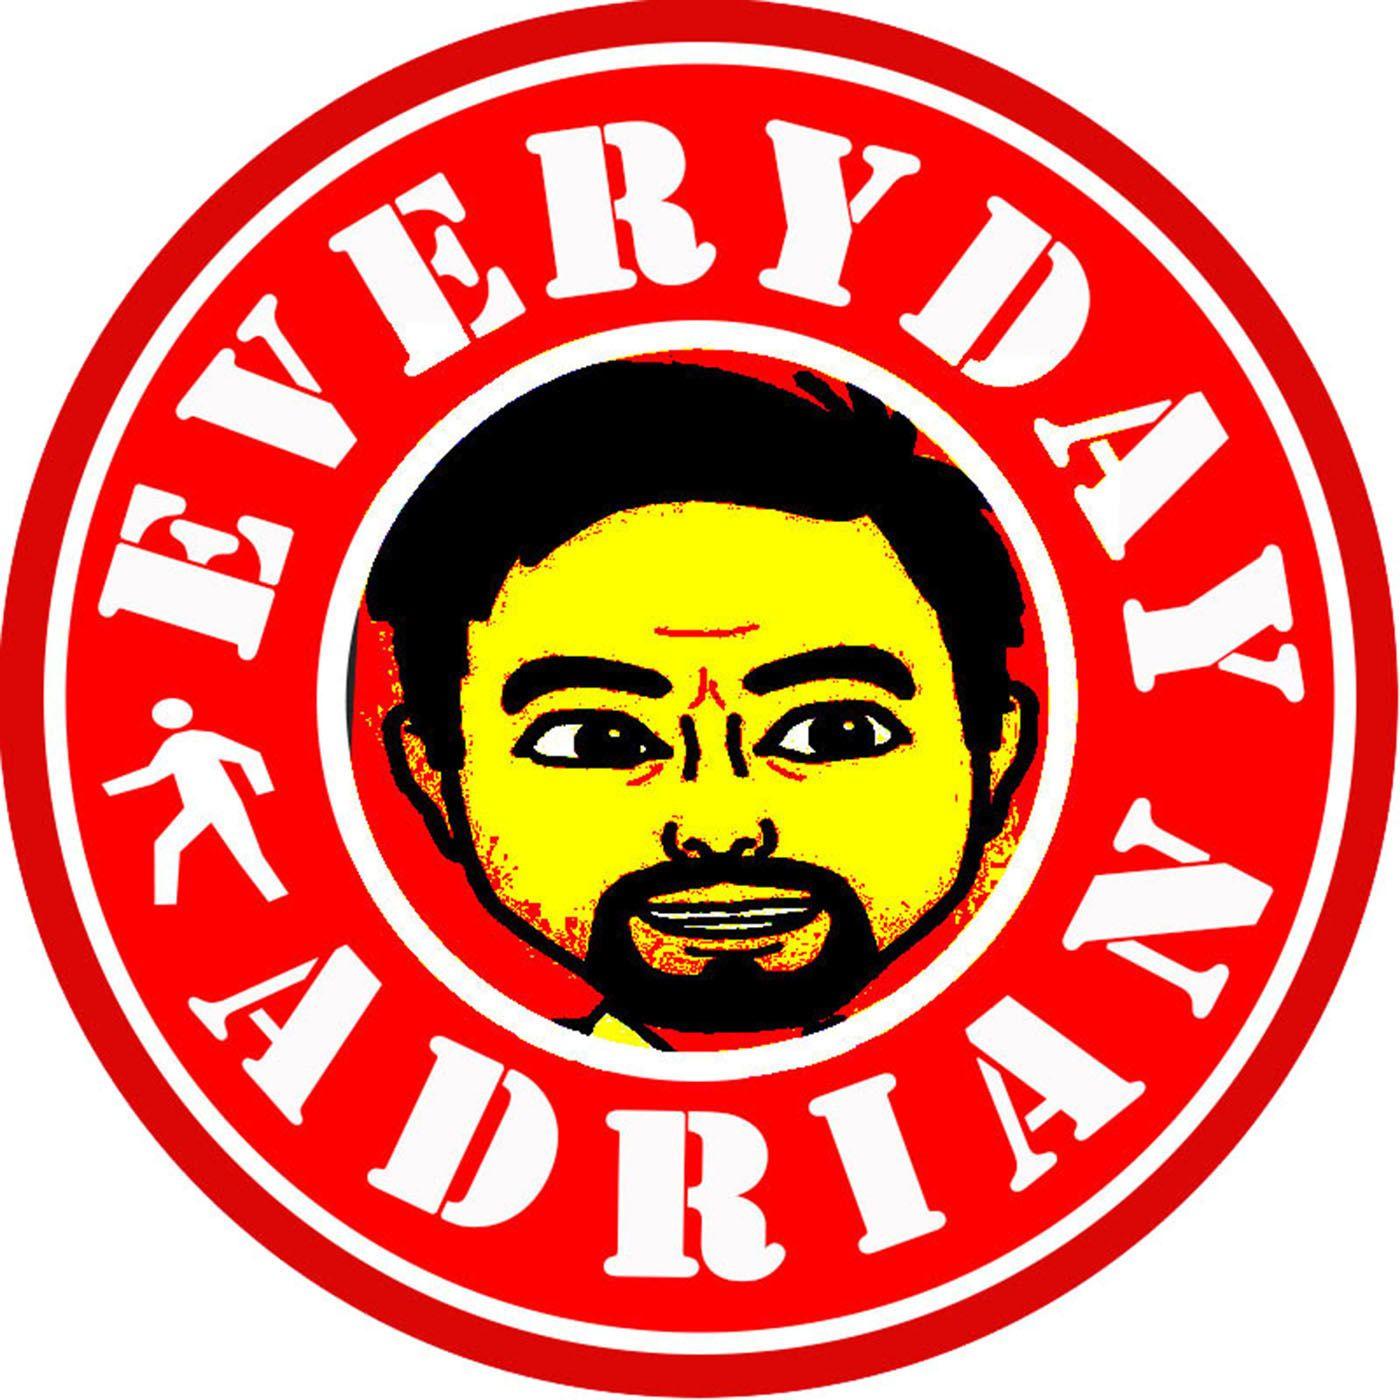 Everyday Adrian